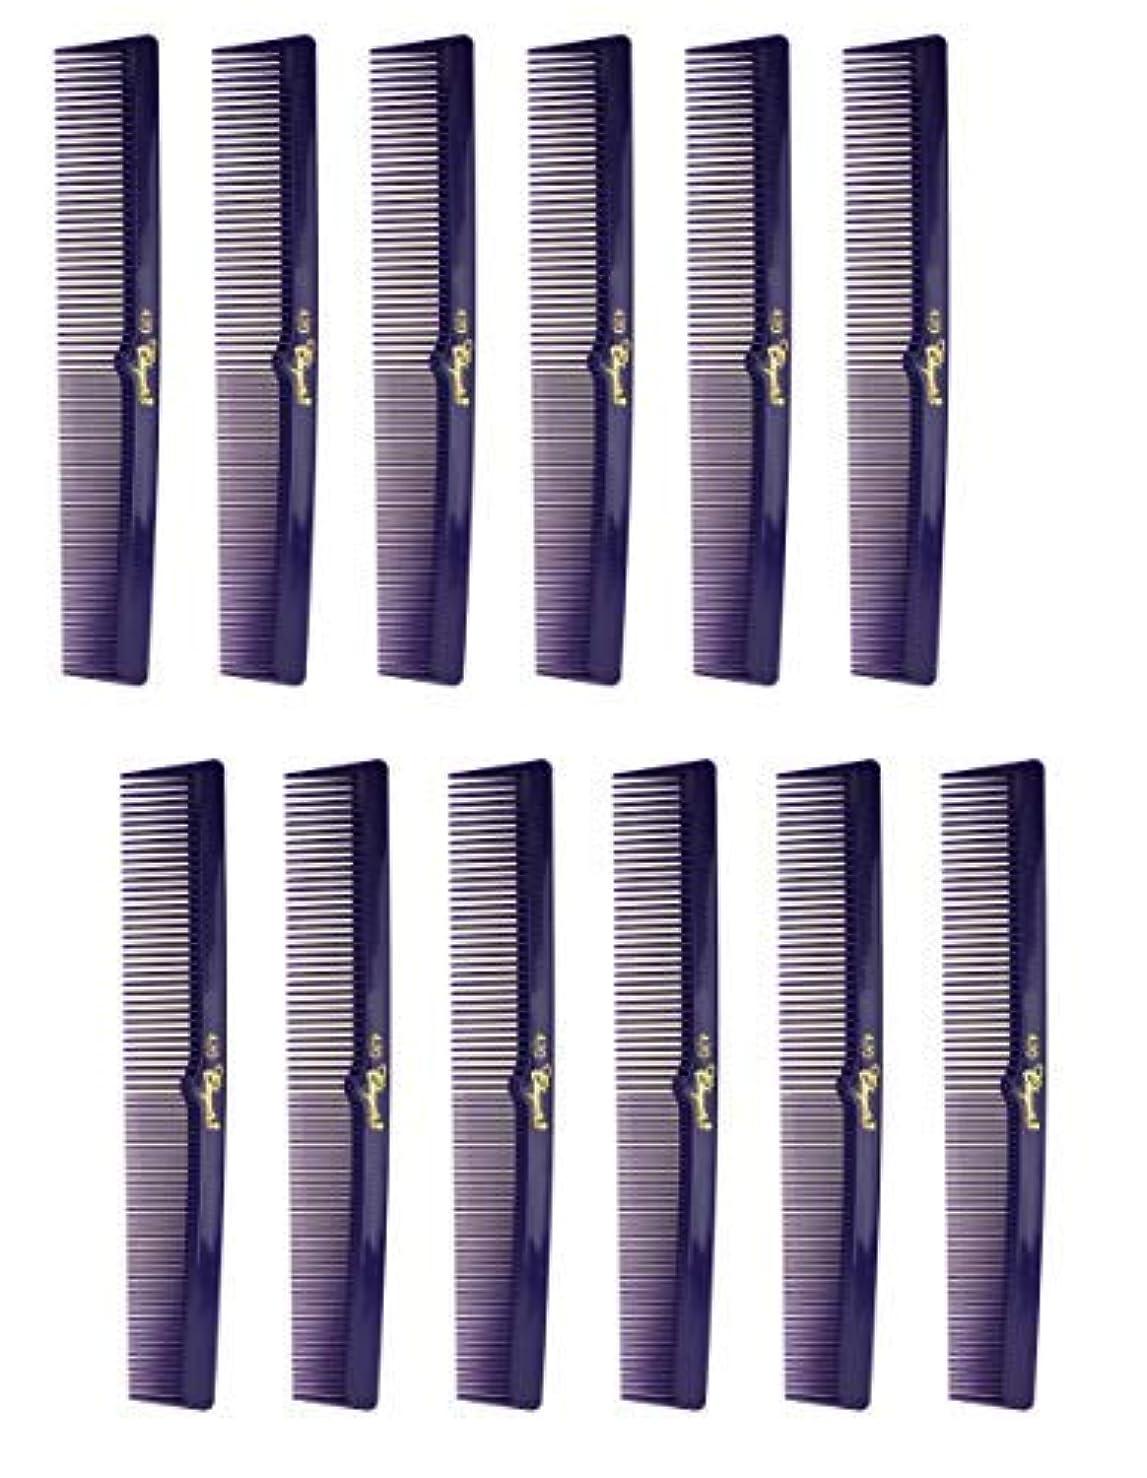 カートリッジロンドン実験をする7 Inch Hair Cutting Combs. Barber's & Hairstylist Combs. Purple 1 DZ. [並行輸入品]